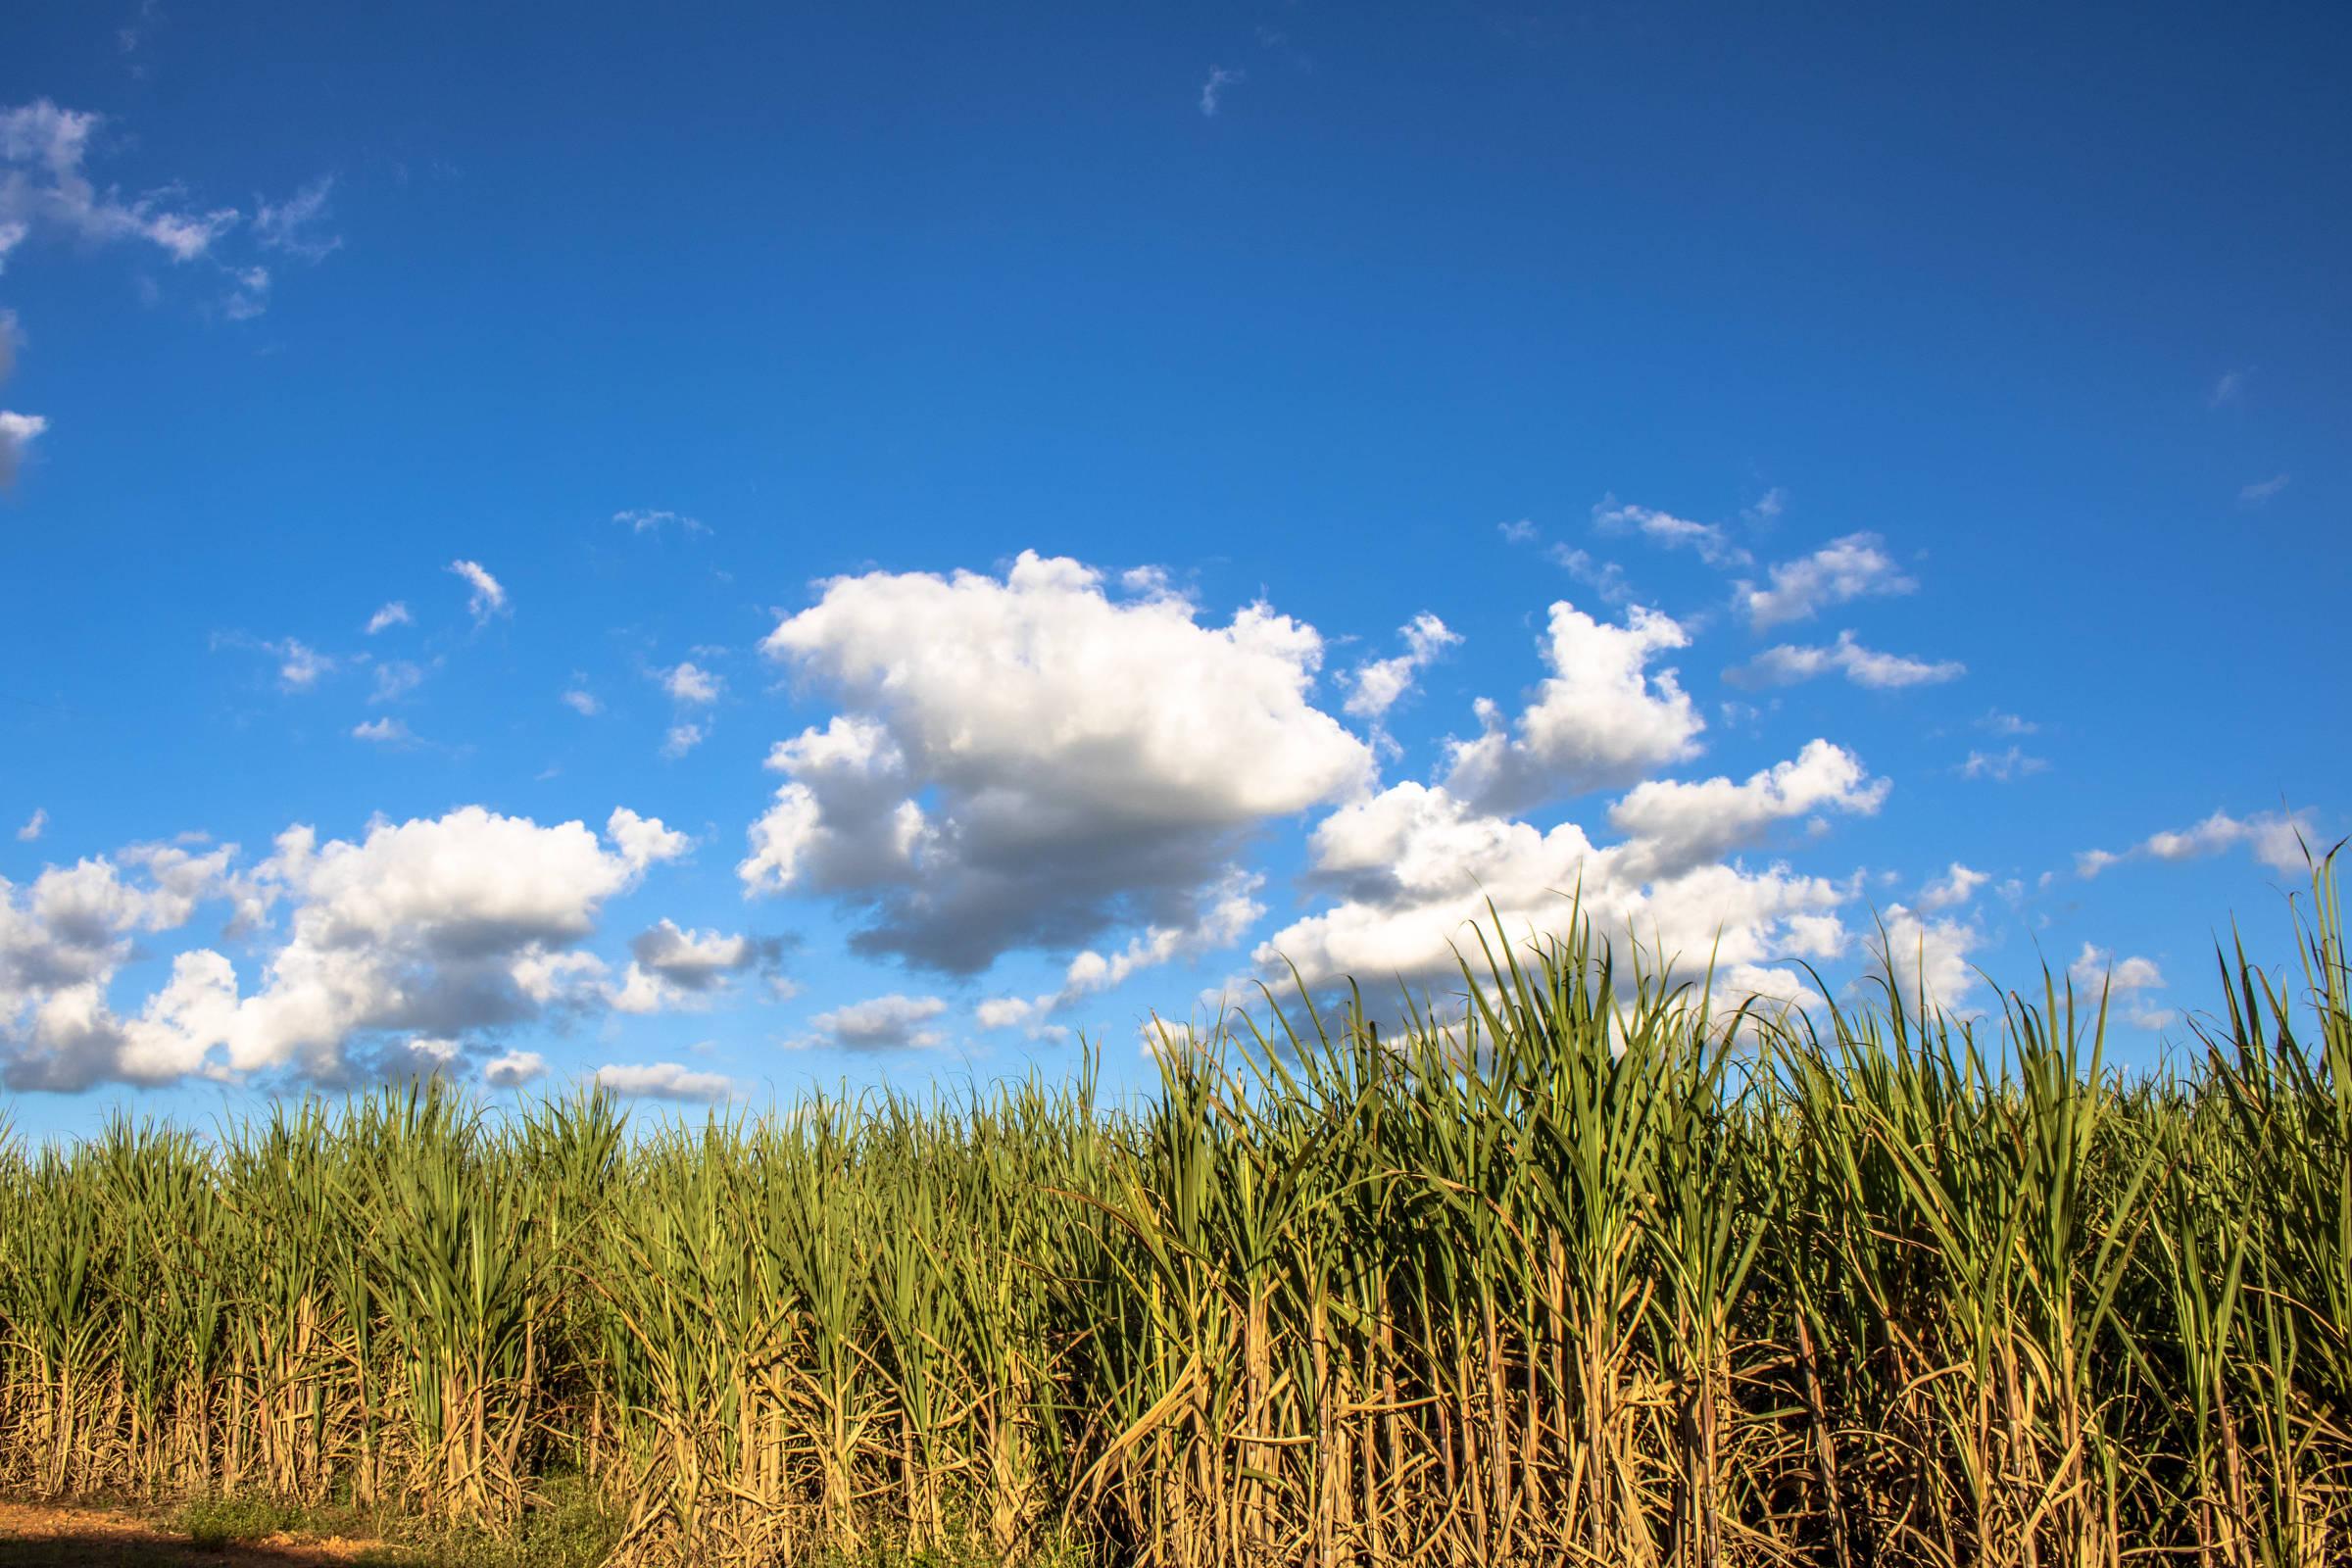 Ao escolher Trump, ele está pressionando o Brasil a aumentar a importação de etanol americano - 25 de junho de 2020. - mercado